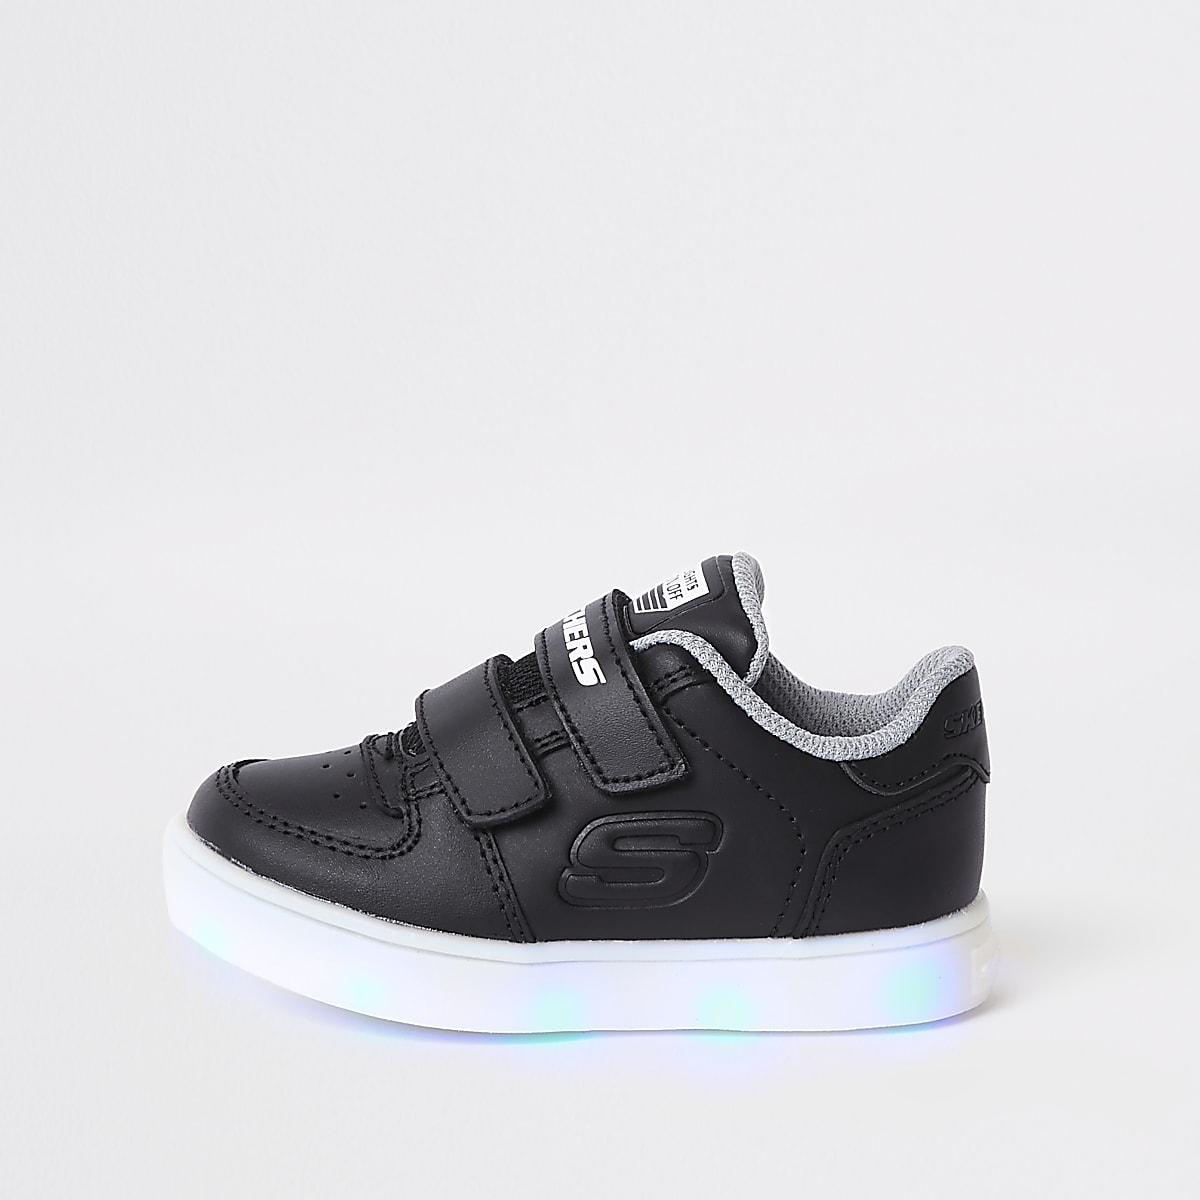 on sale eb7ce a6a01 Baskets Skechers noires lumineuses mini garçon Baskets Skechers noires  lumineuses mini garçon ...